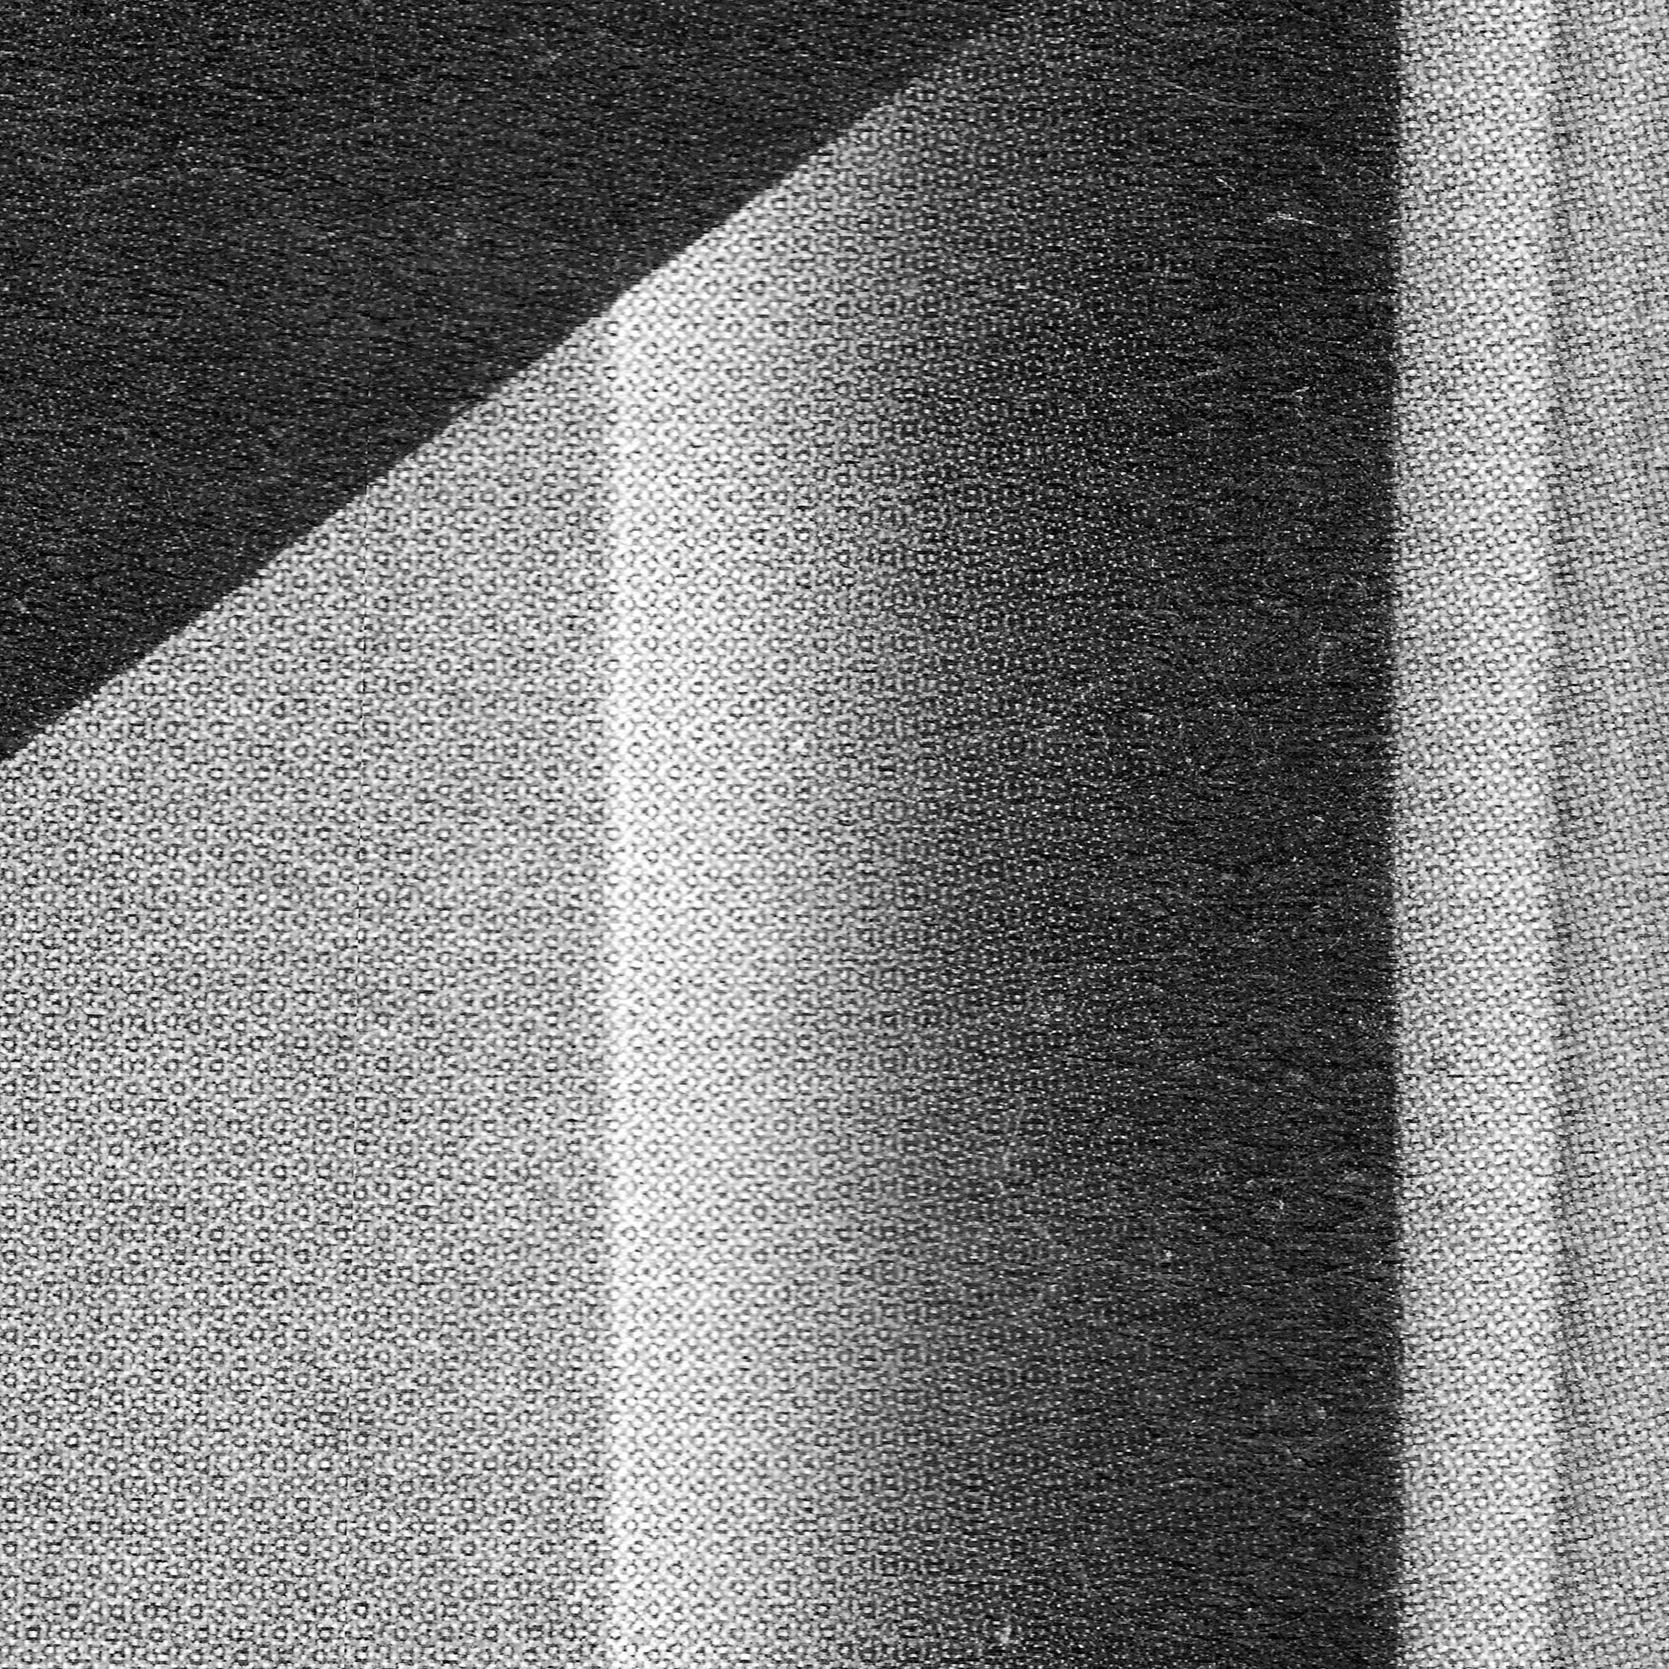 003.2.jpg